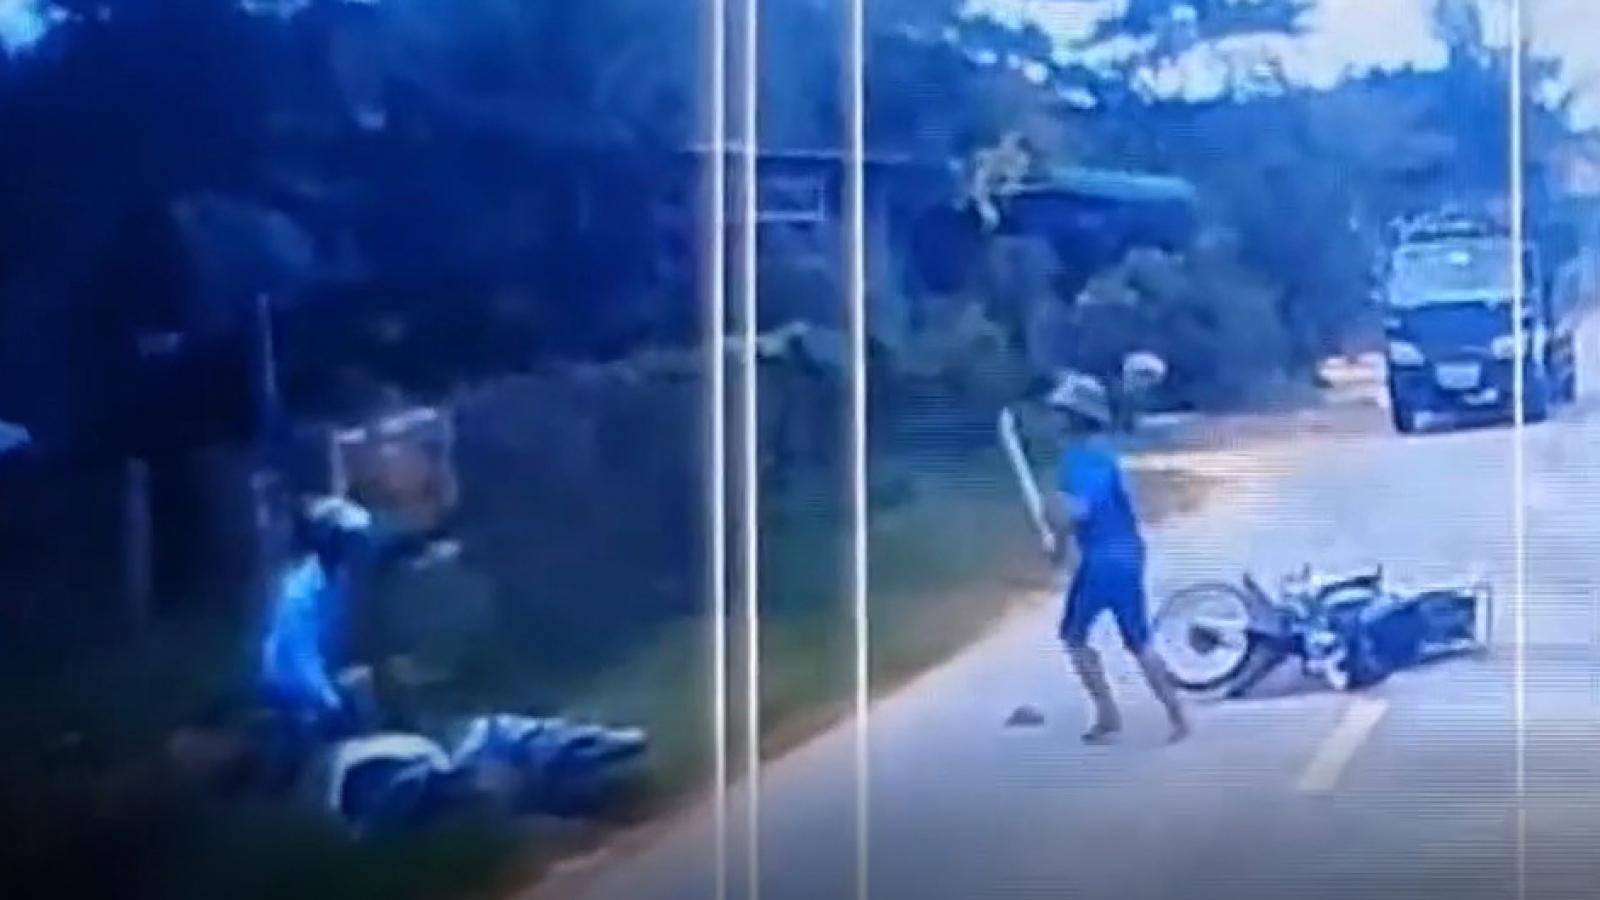 Công an lên tiếng vụ đánh người sau va chạm giao thông ở Bình Phước